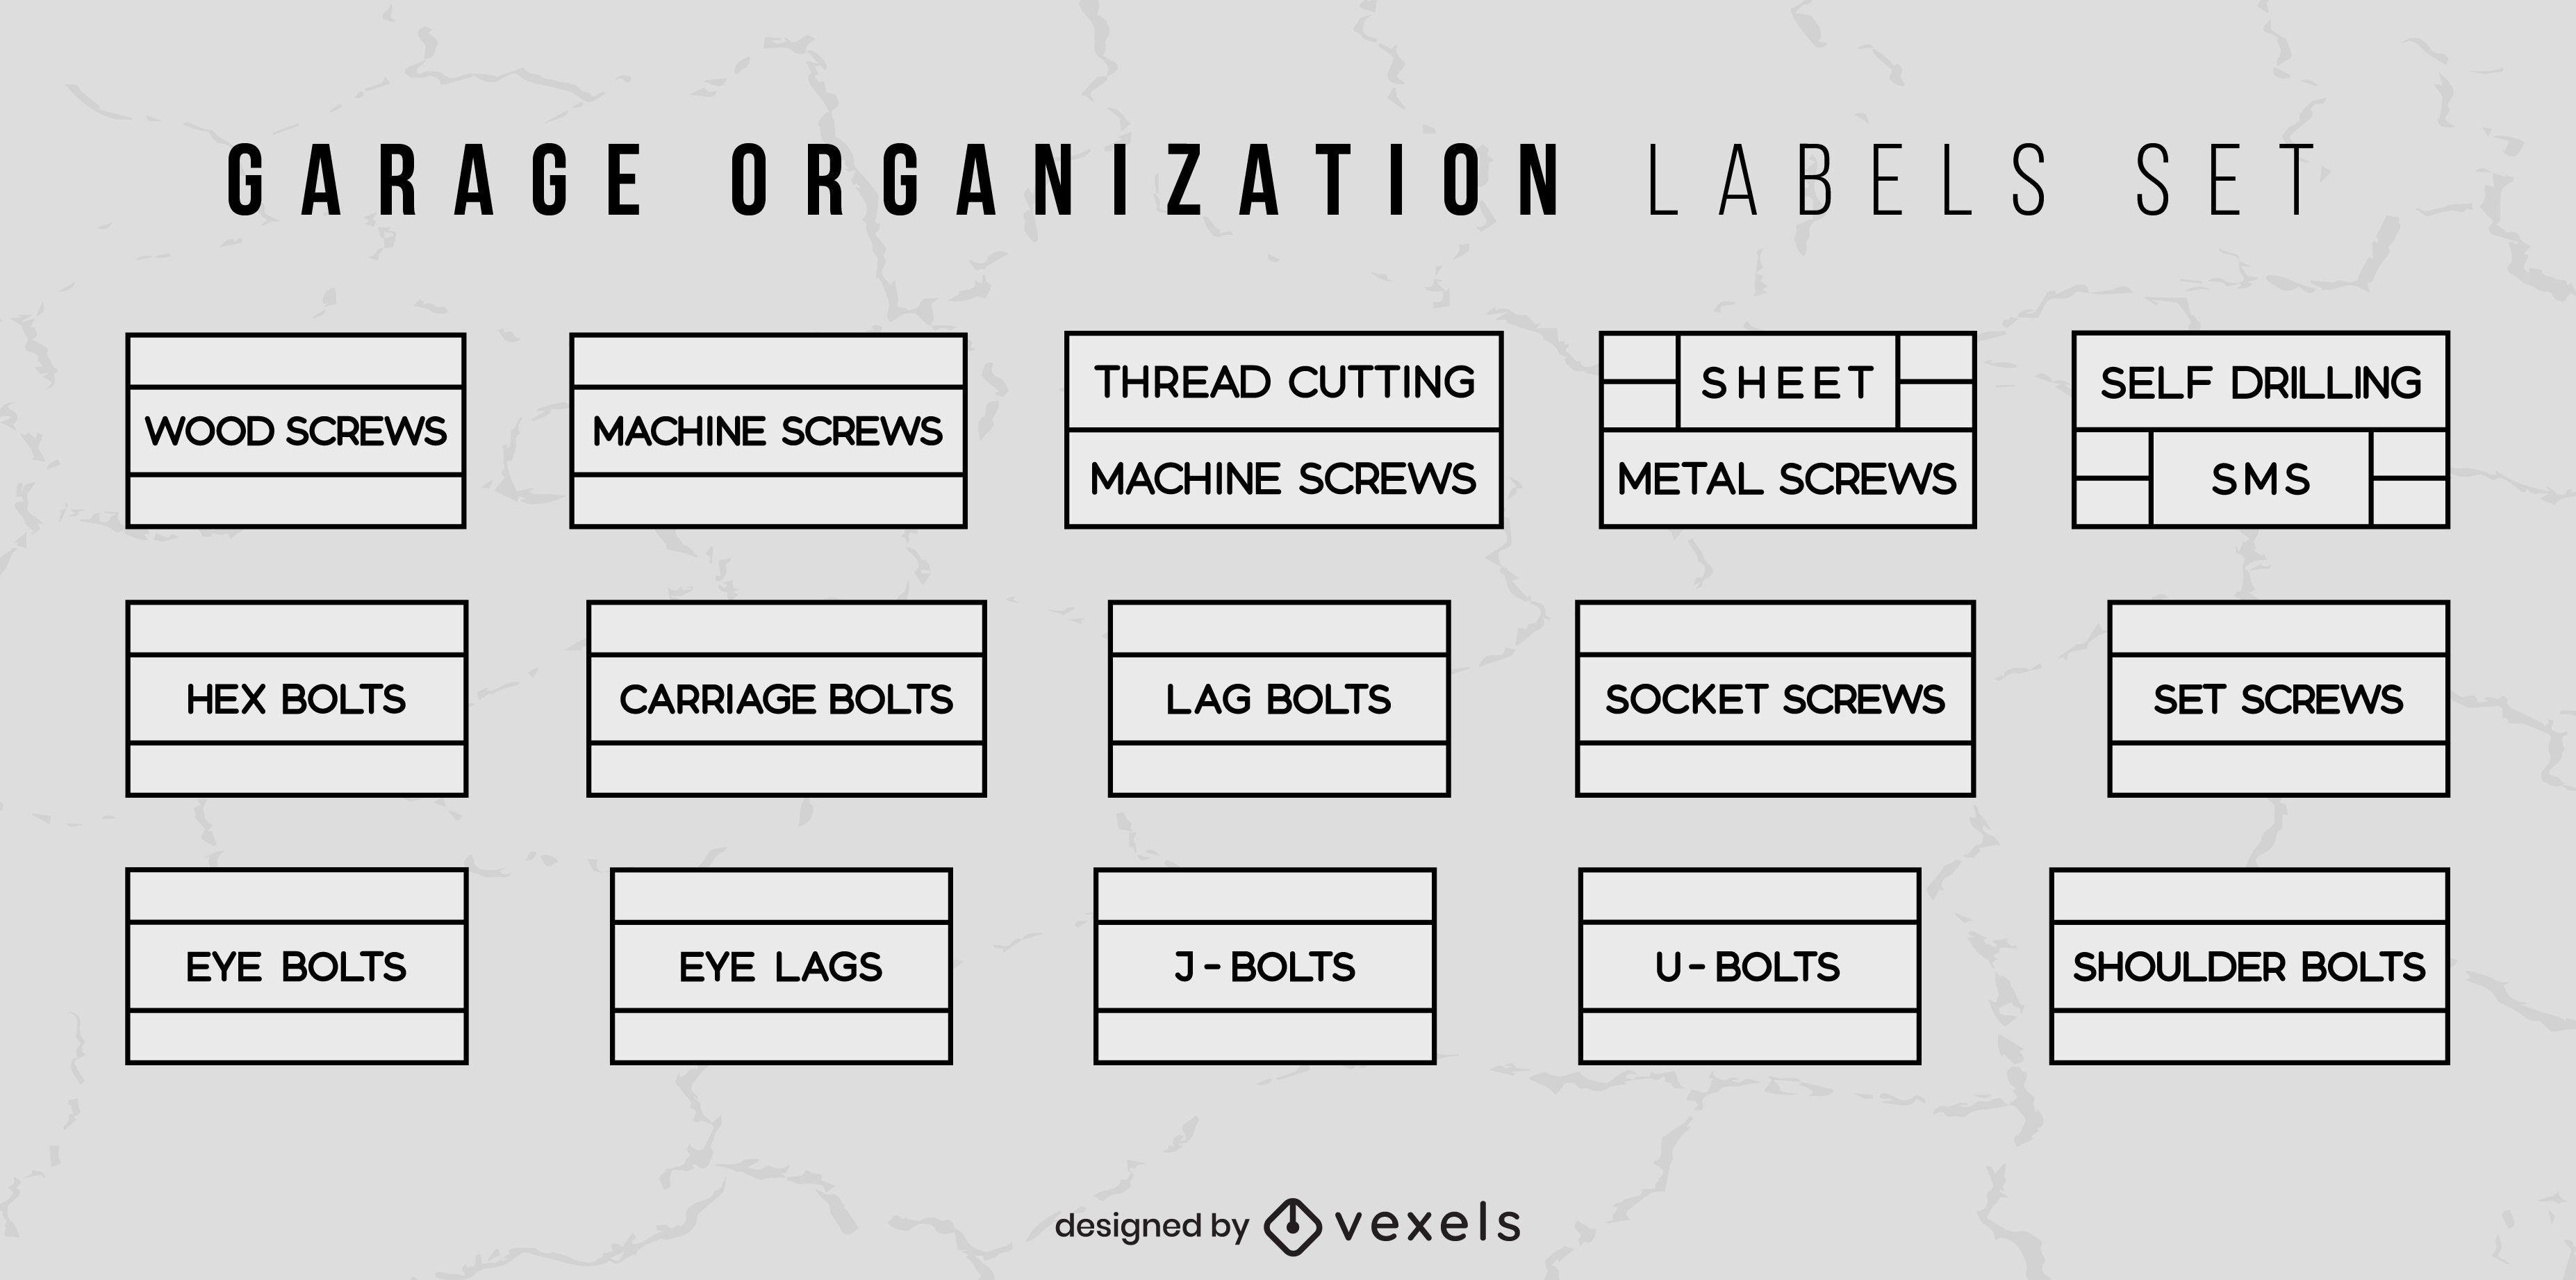 Garage storage organization labels set